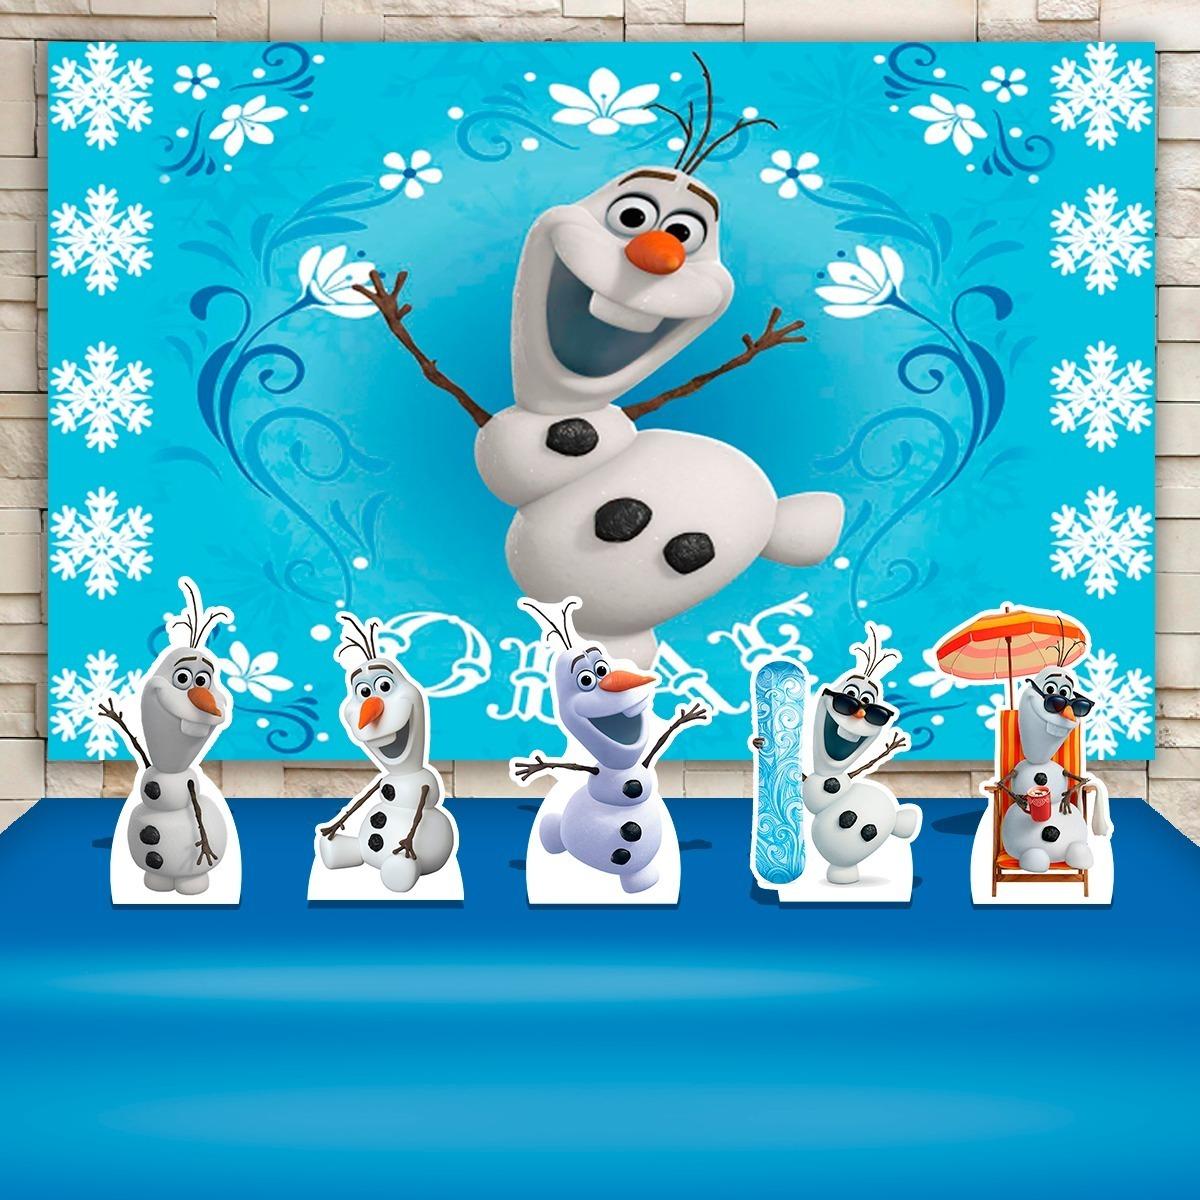 Painel De Festa Infantil Olaf Frozen Cenarios R 64 35 Em